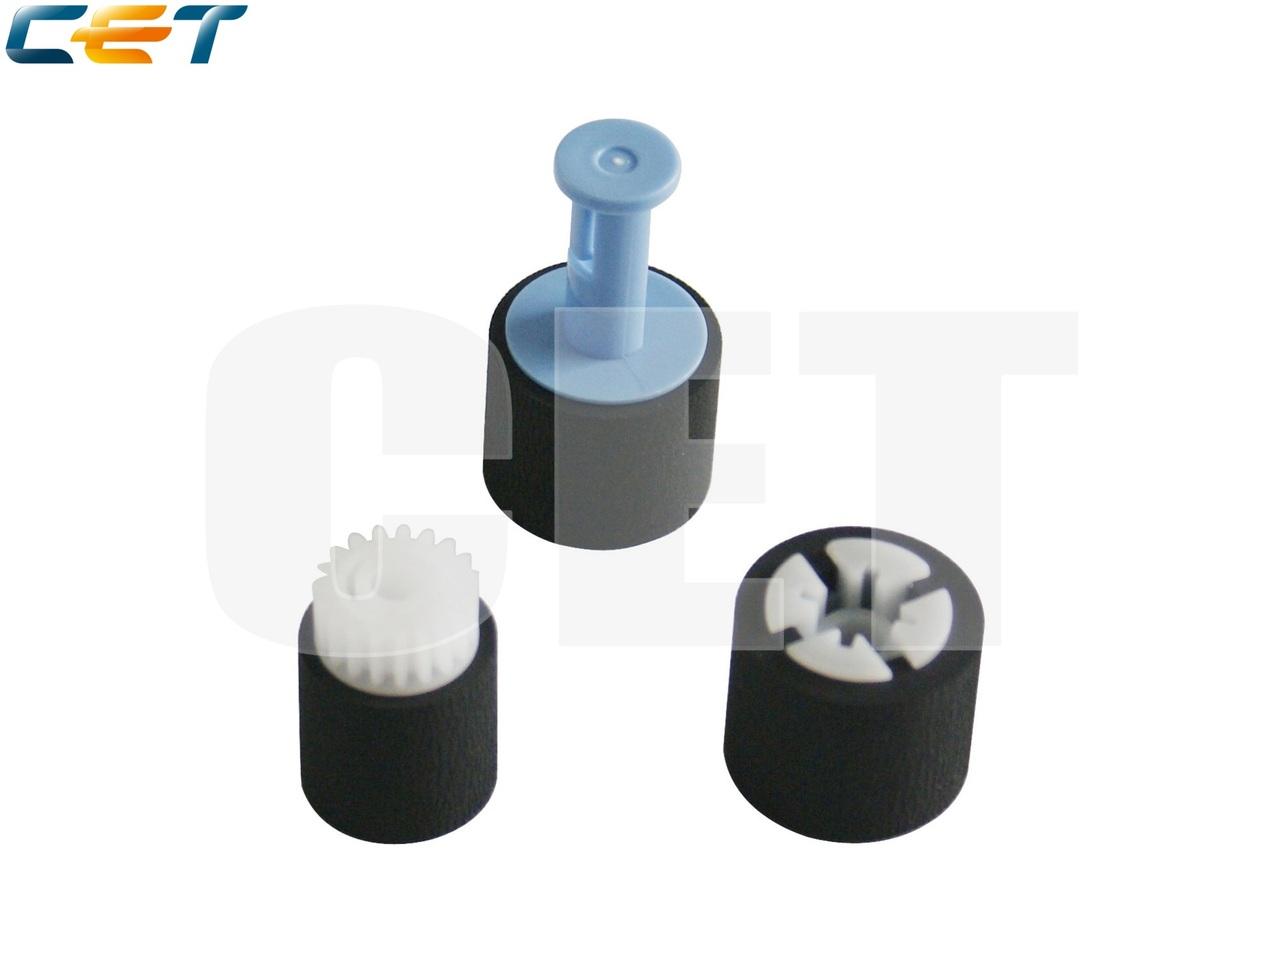 Комплект роликов 1-го лотка (3 ролика) CB506-67905 дляLaserJet P4014/P4015/P4515,M601/M602/M603/M604/M605/M606 (CET), CET5804